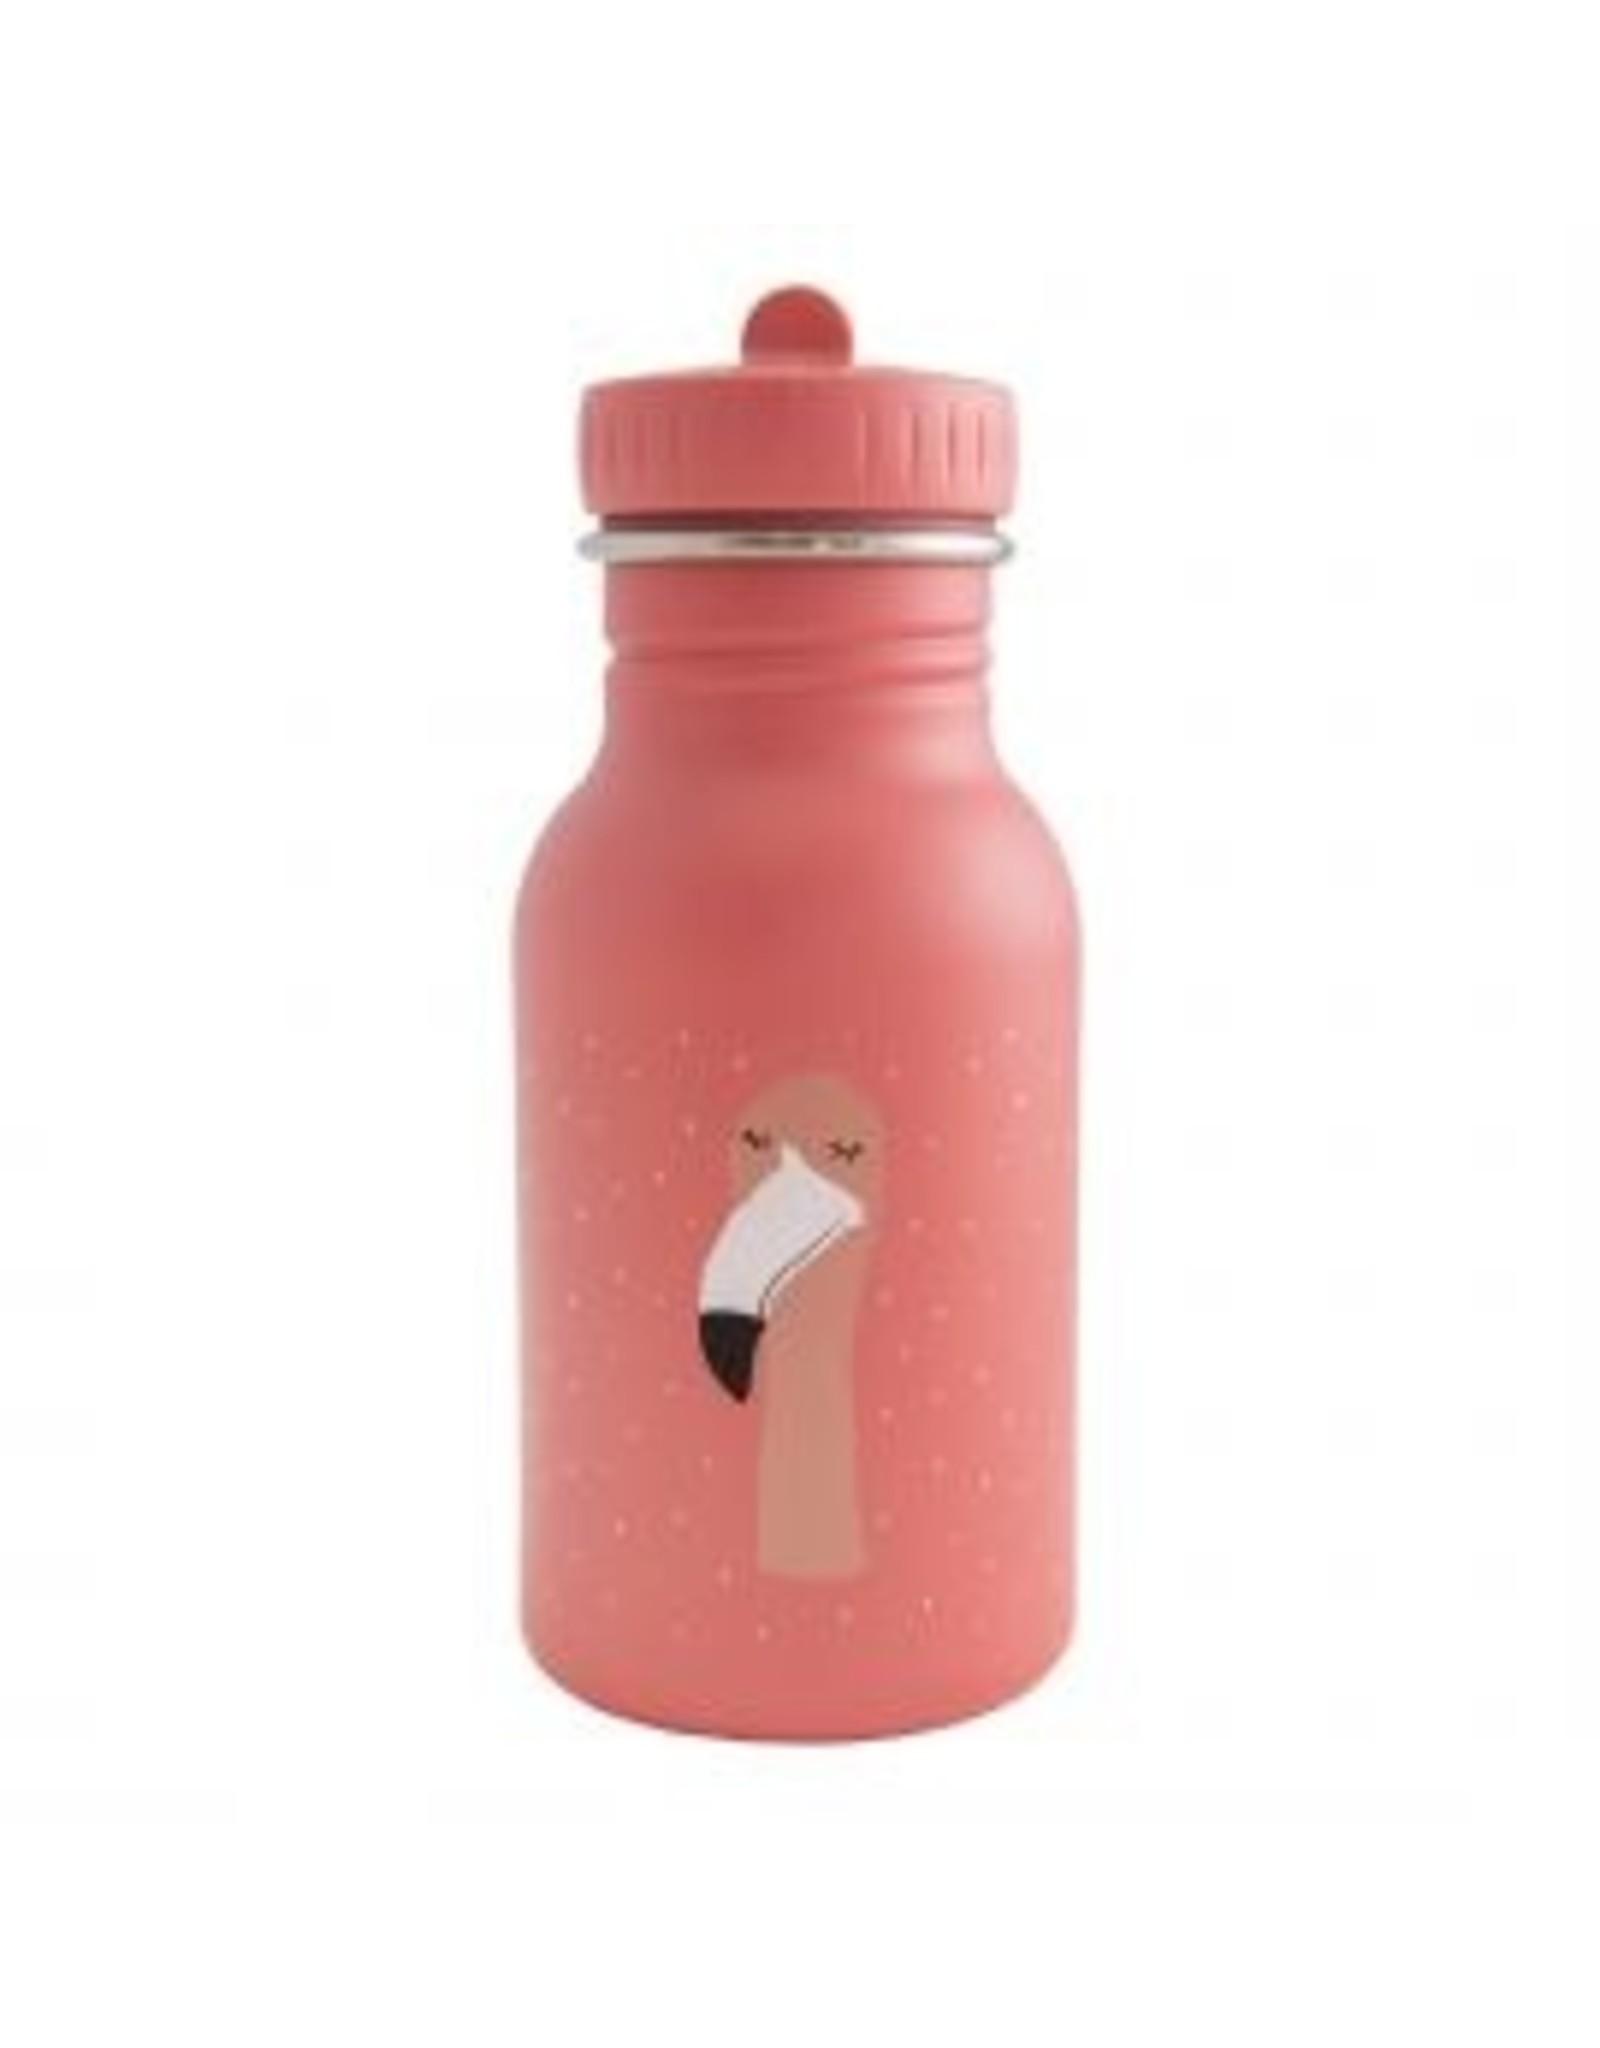 Trixie Trixie drinkbeker flamingo